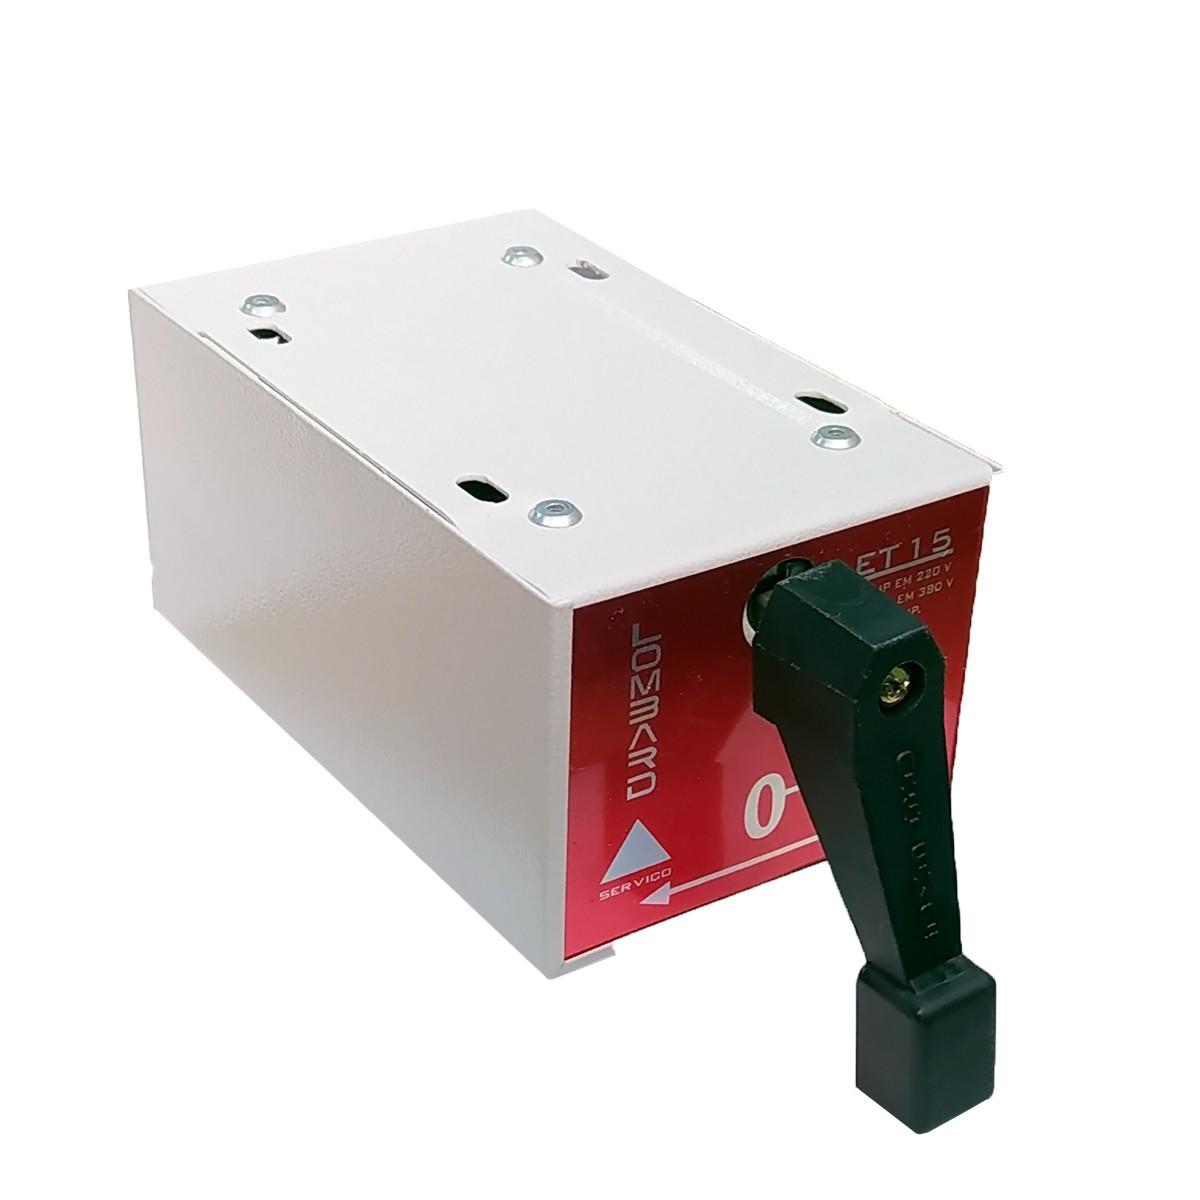 Chave Monofásica Série Paralela 12,5 Hp cV 220V Msp-125 Lombard